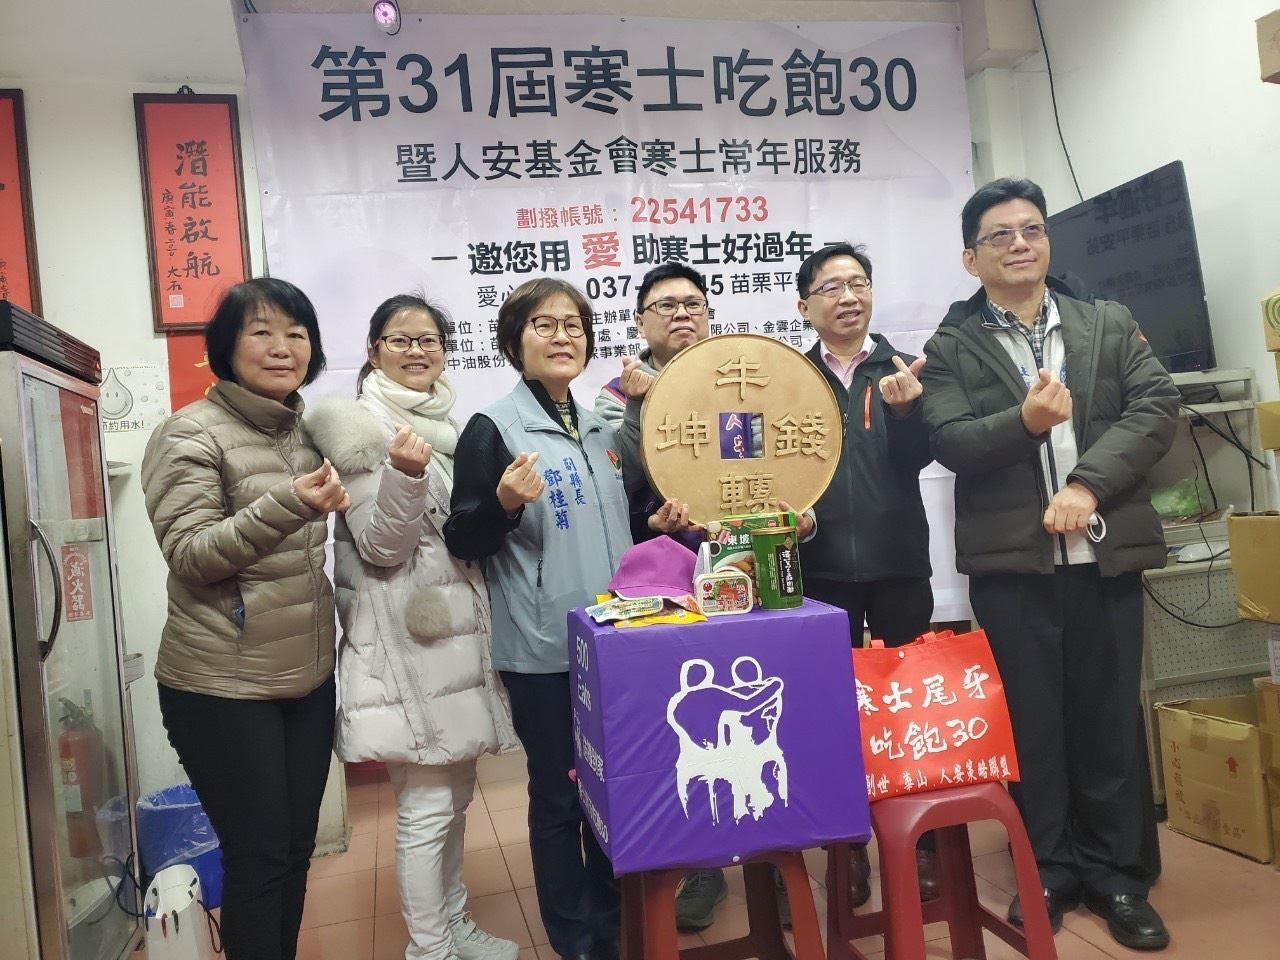 『第31屆寒士吃飽30』副縣長鄧桂菊女士化身外送員號召響應「一個人的團圓飯」